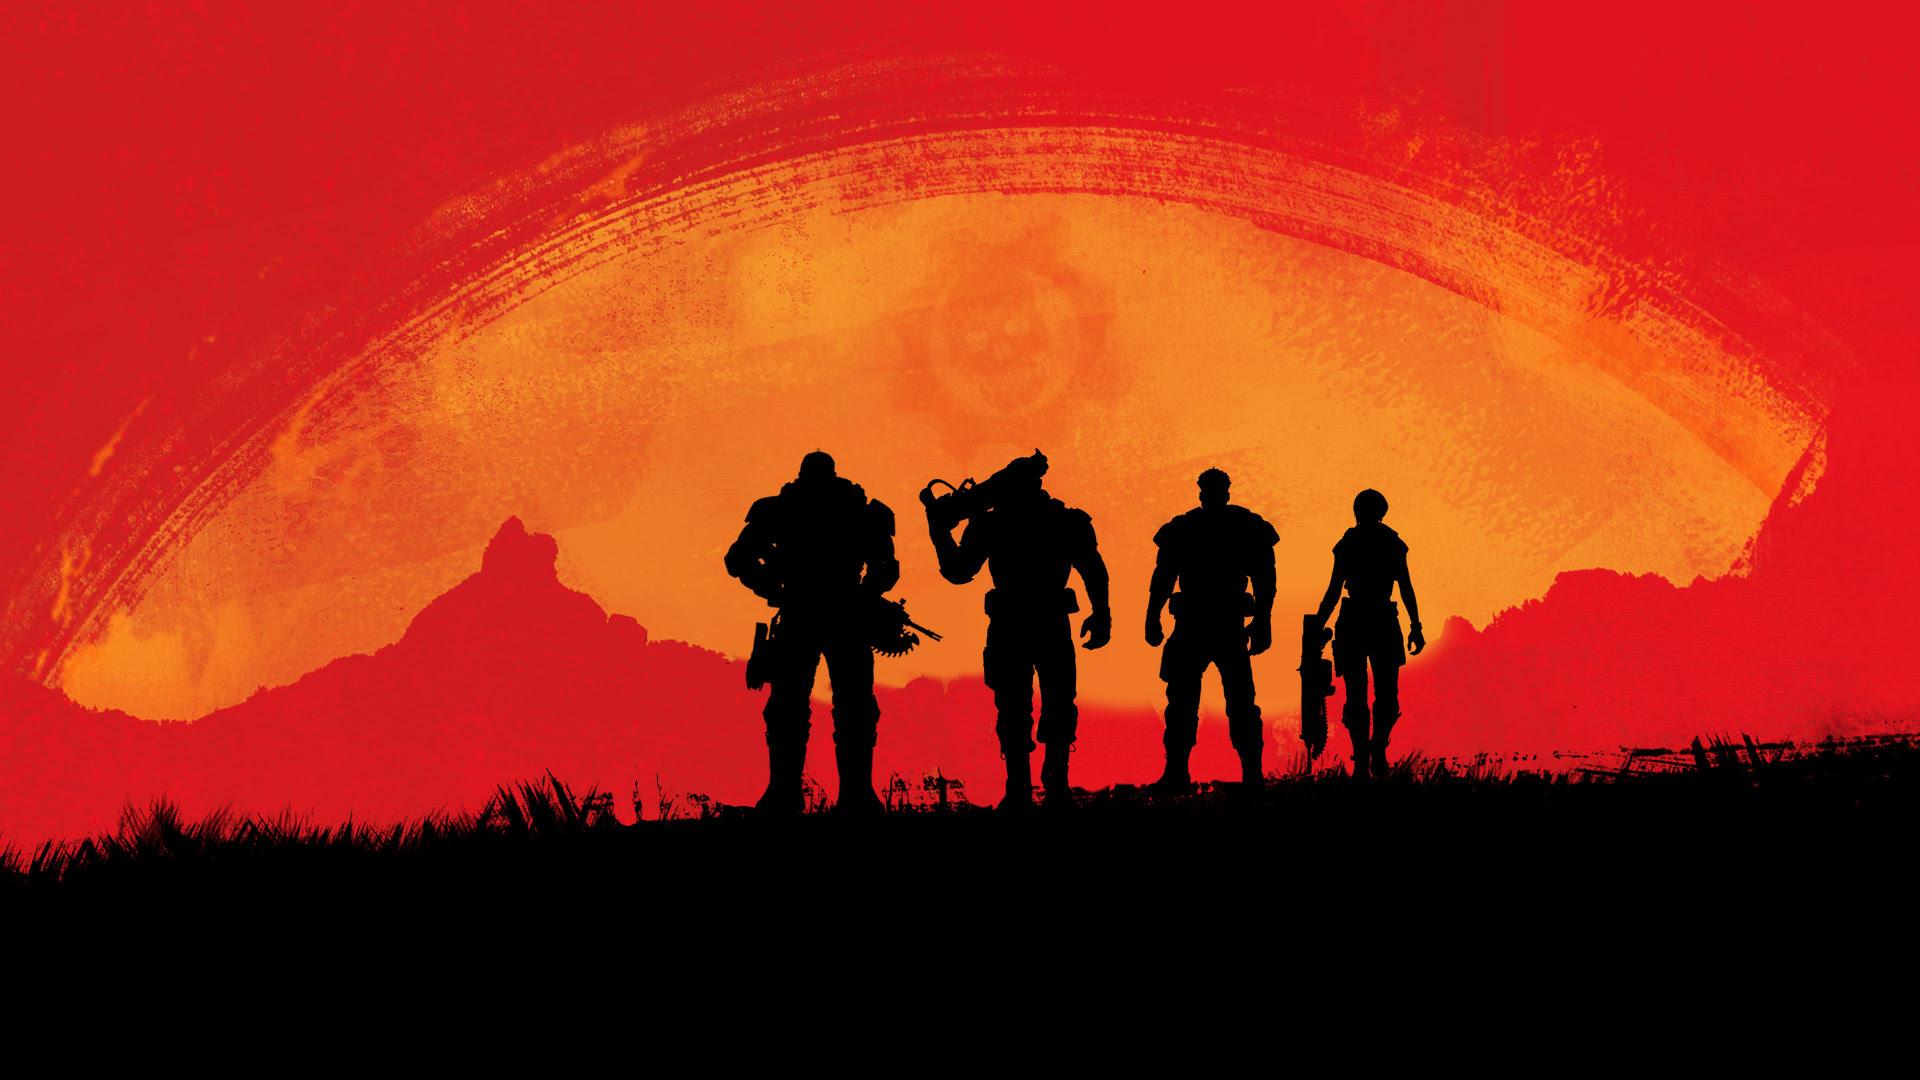 Rockstar Wallpaper Hd 72 Images